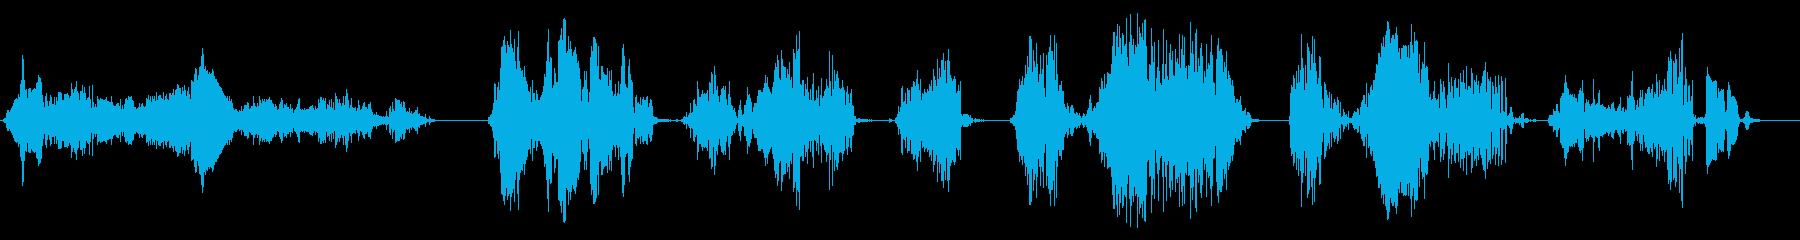 生き物の鳴き声、コメディ生き物のふ...の再生済みの波形